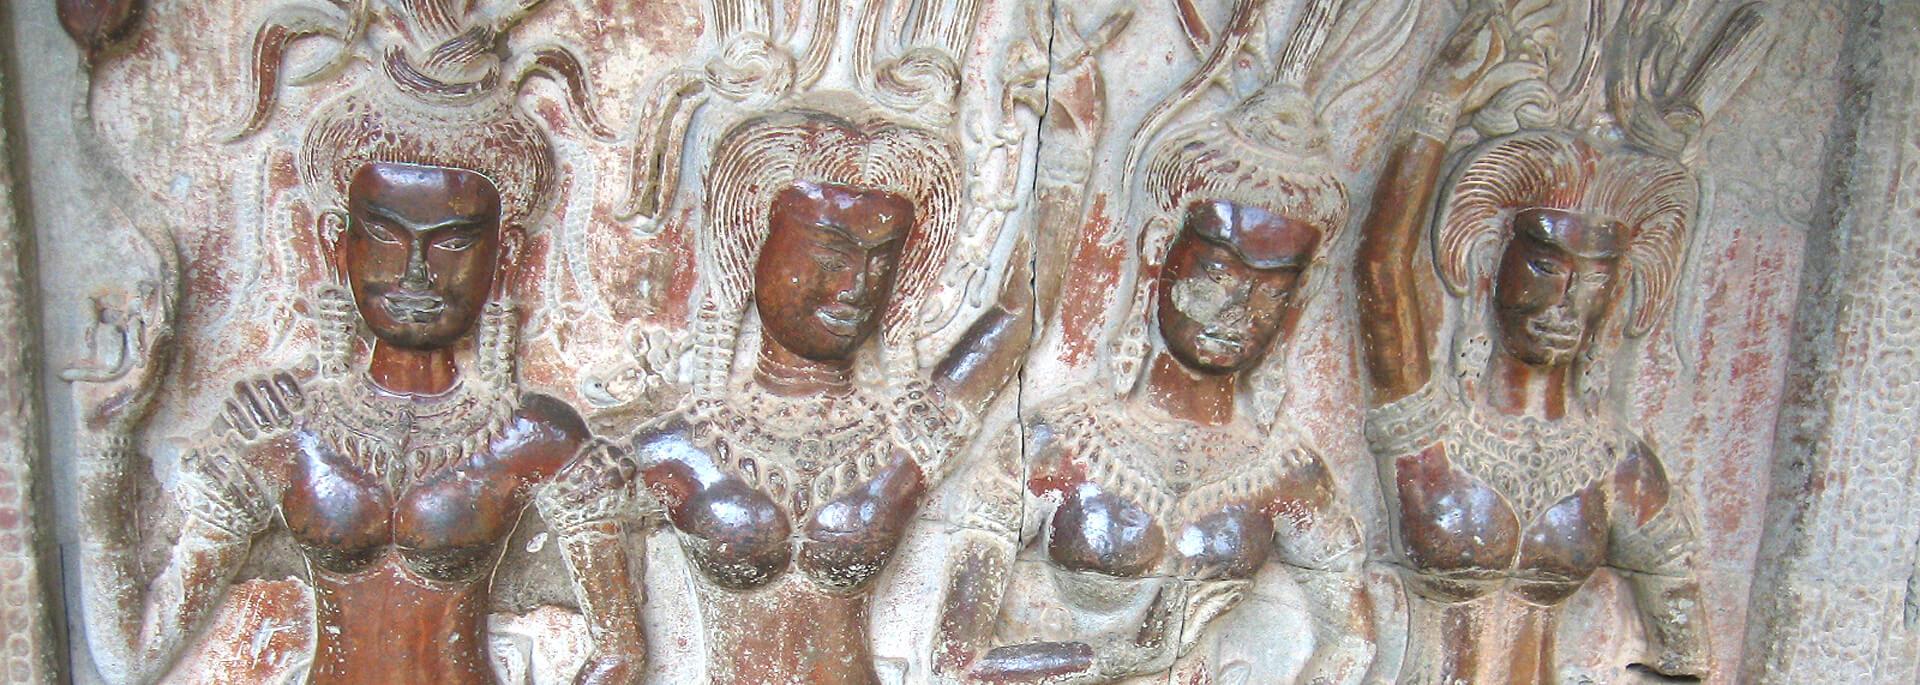 Fotos: Kambodschas größter Stolz - Angkor Wat